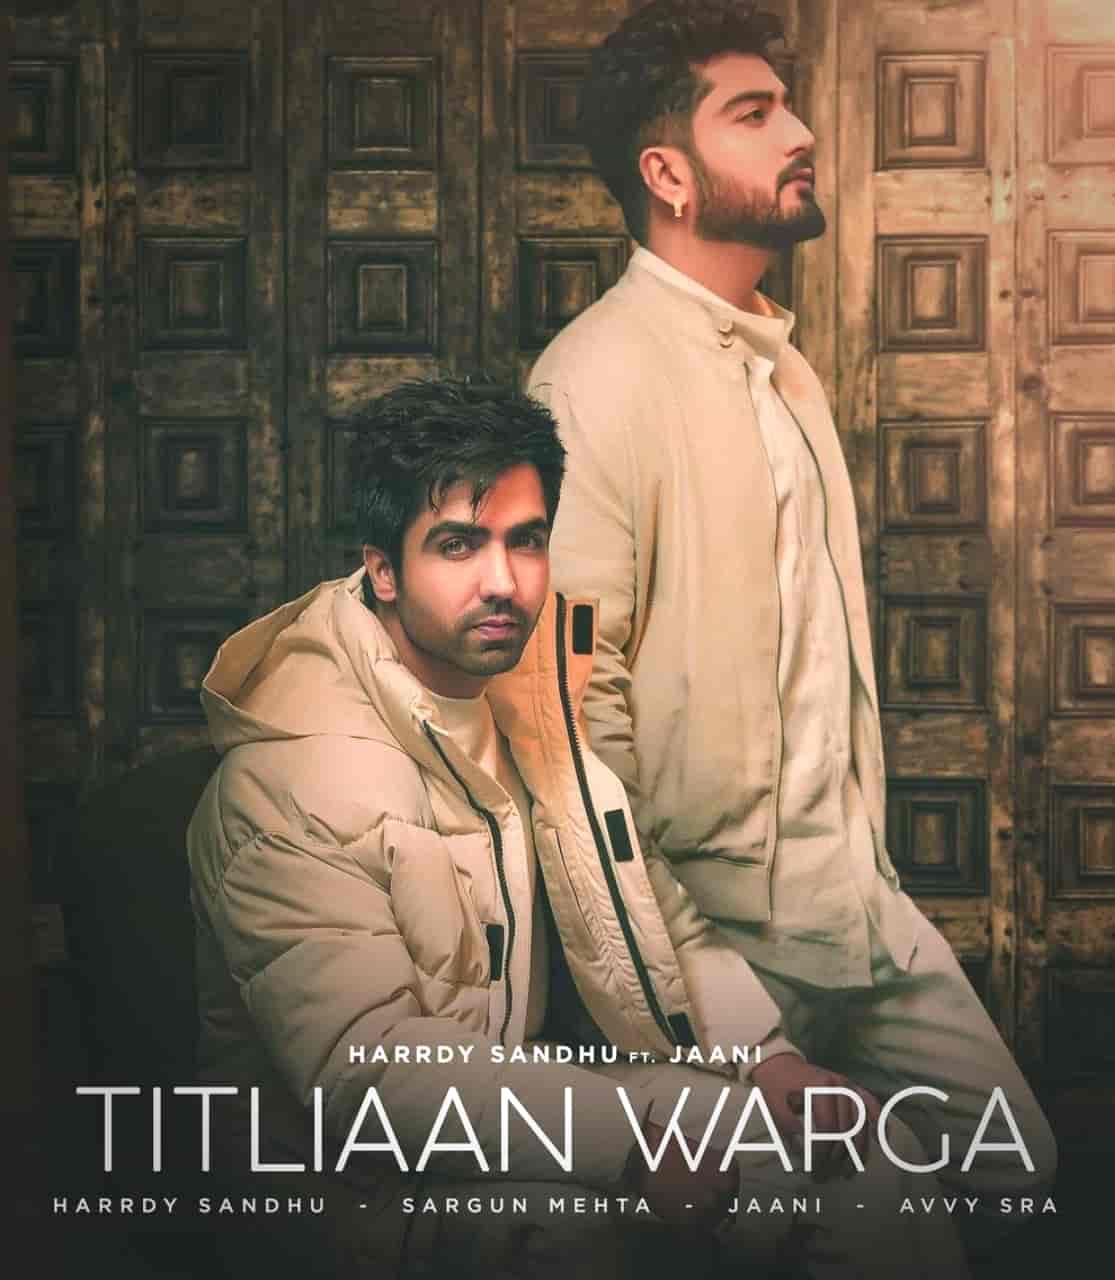 Titliaan Warga Punjabi Song Image Features Harrdy Sandhu, Jaani And Sargun Mehta